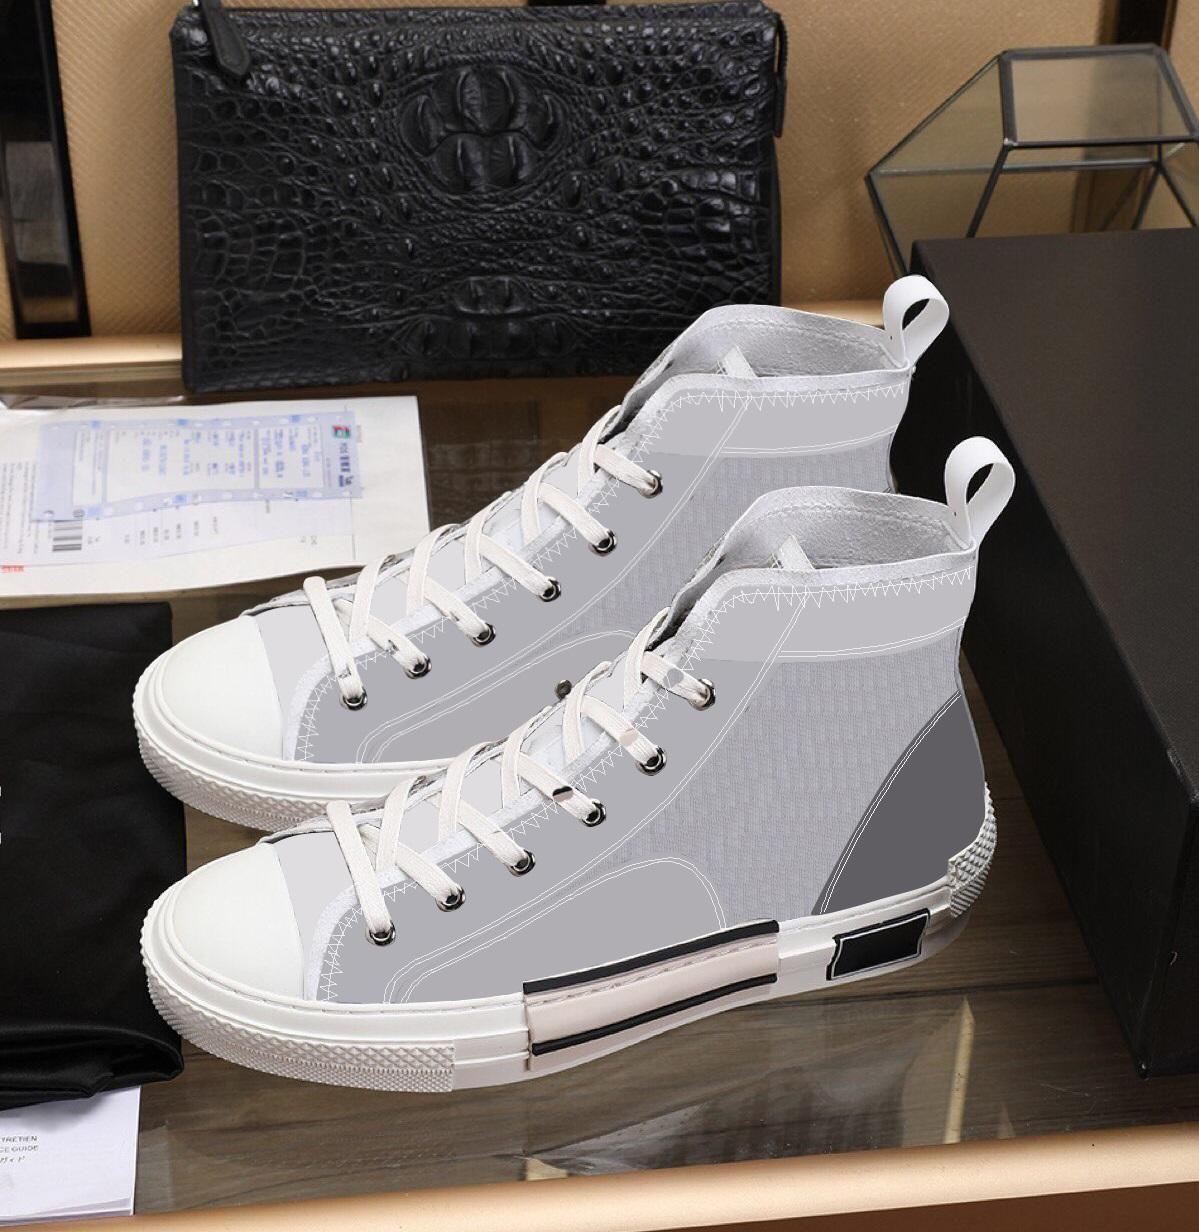 2021 yeni sınırlı sayıda özel baskılı tuval ayakkabılar, moda çok yönlü yüksek ve düşük ayakkabılar, orijinal ambalajlı ayakkabı kutusu teslimat 34-45